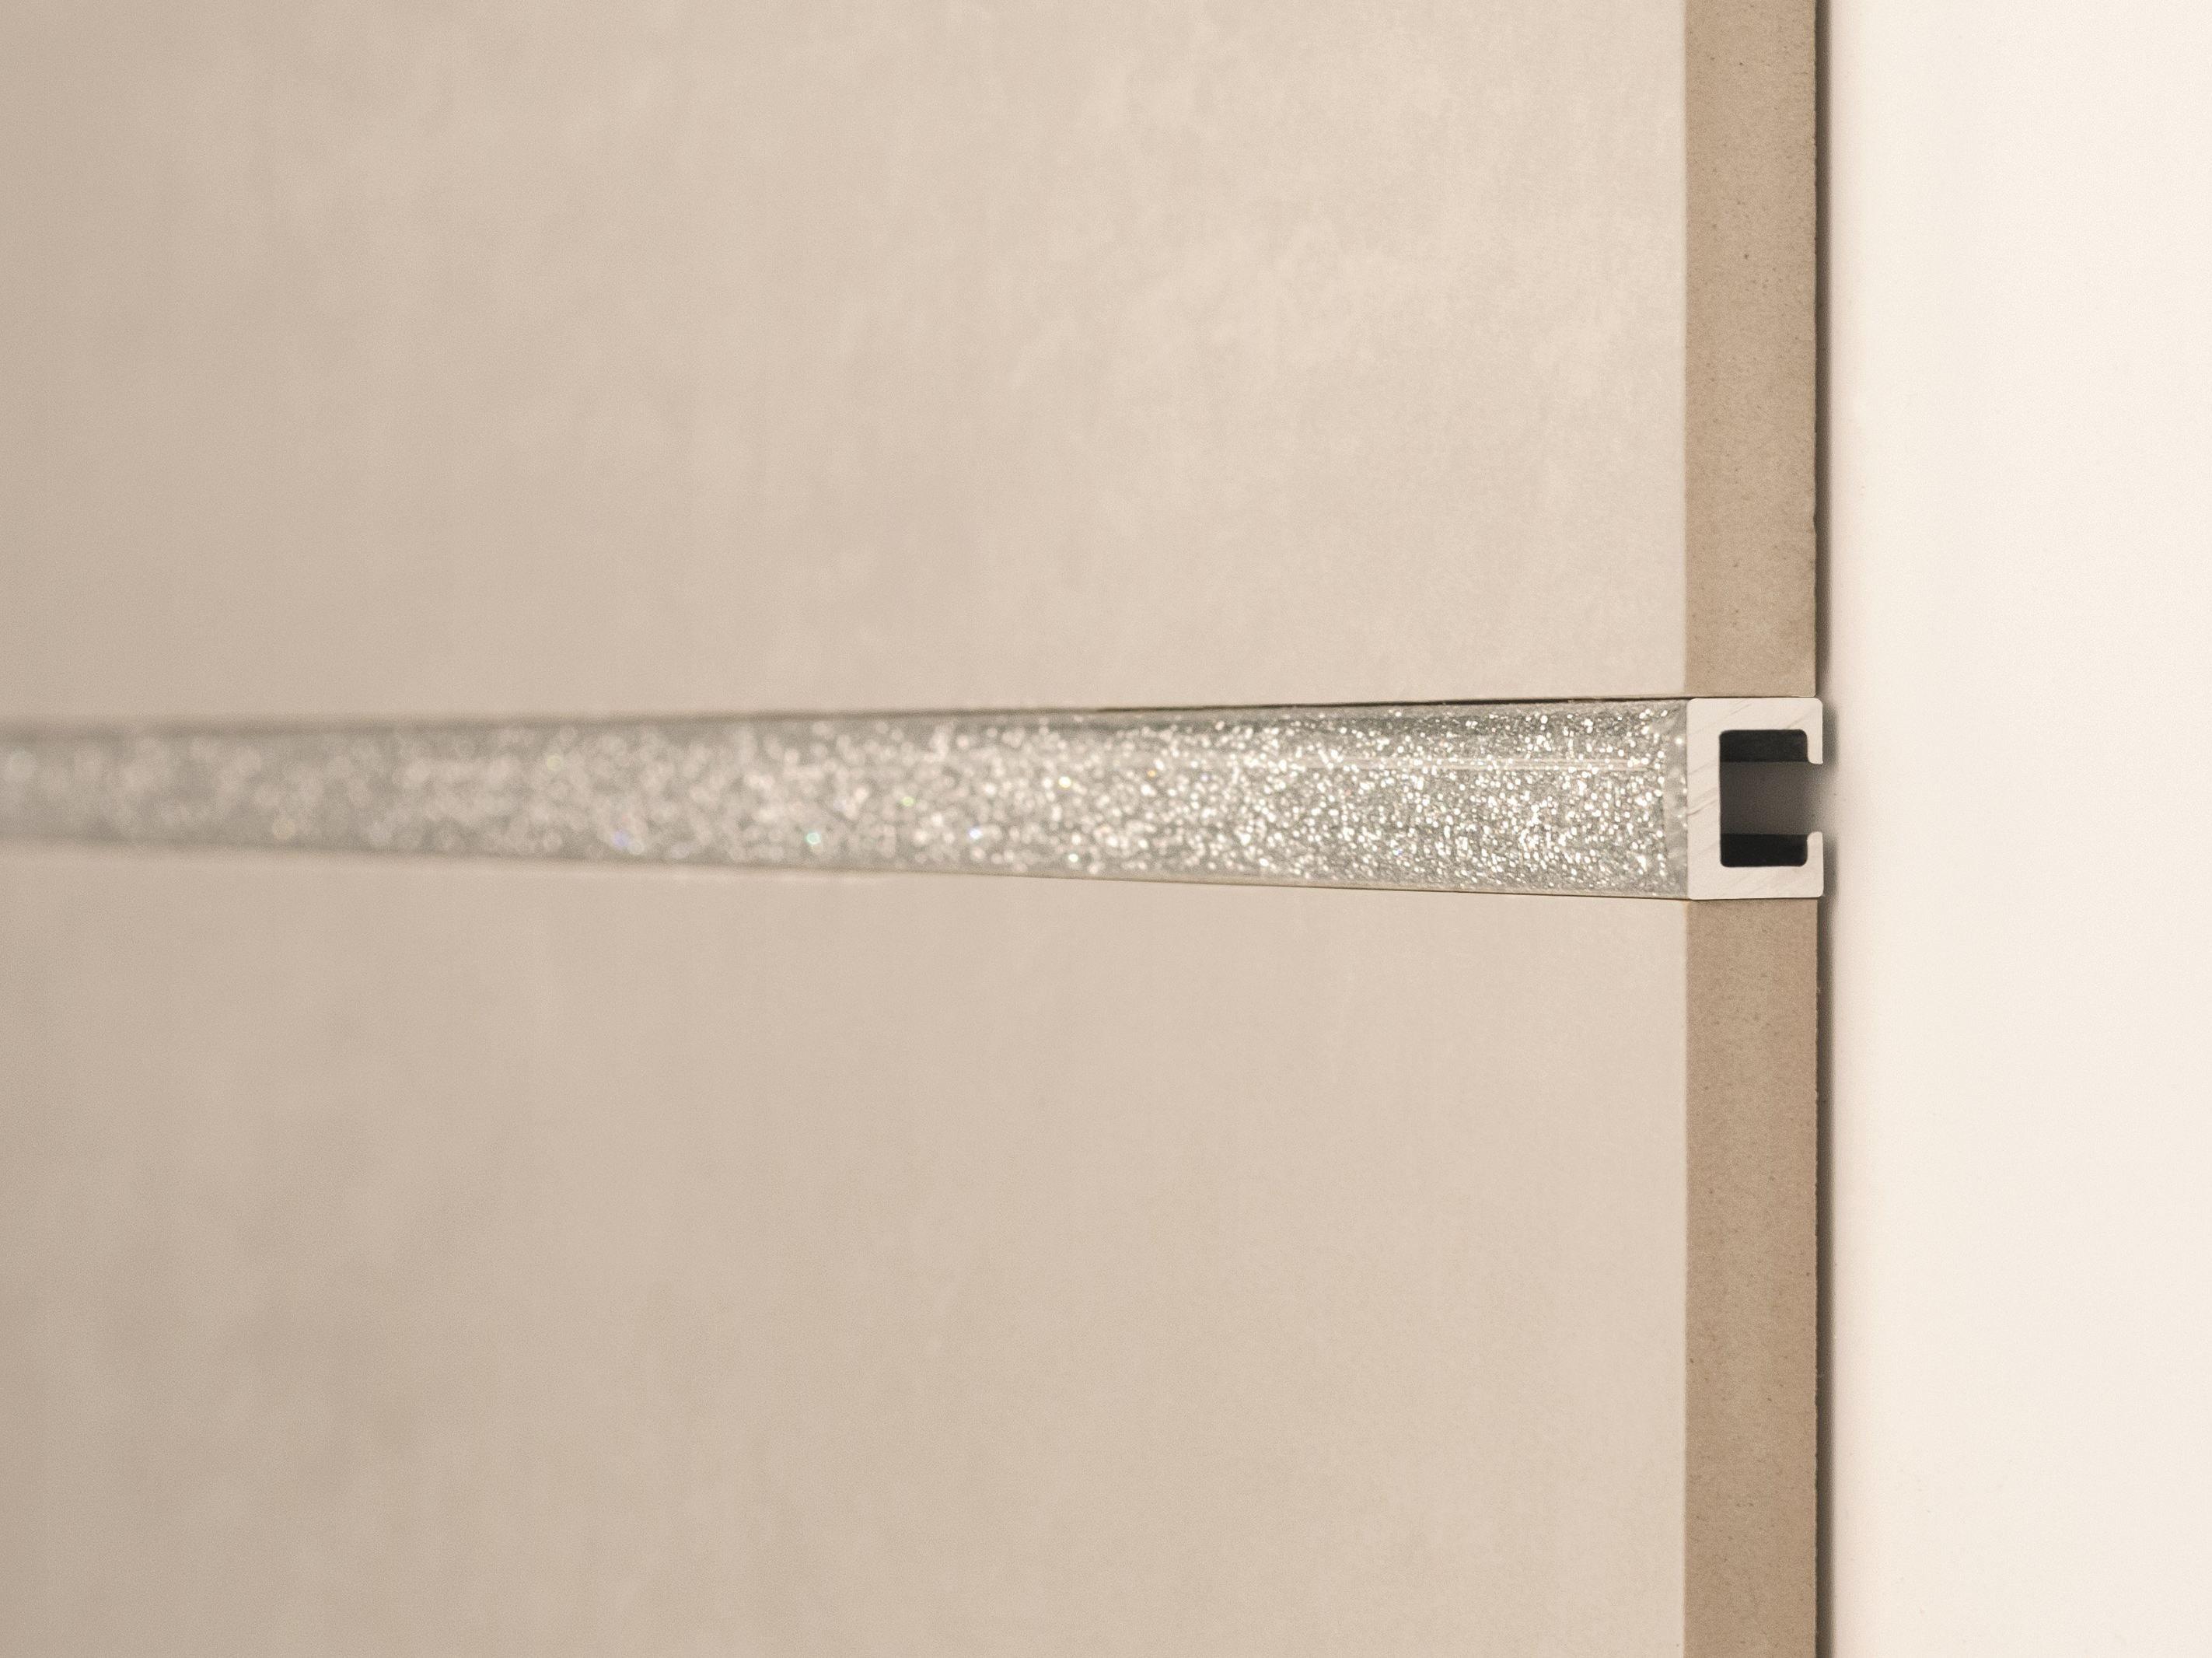 Bordo decorativo per rivestimenti LISTEC LI 10 GLITTER by PROFILITEC